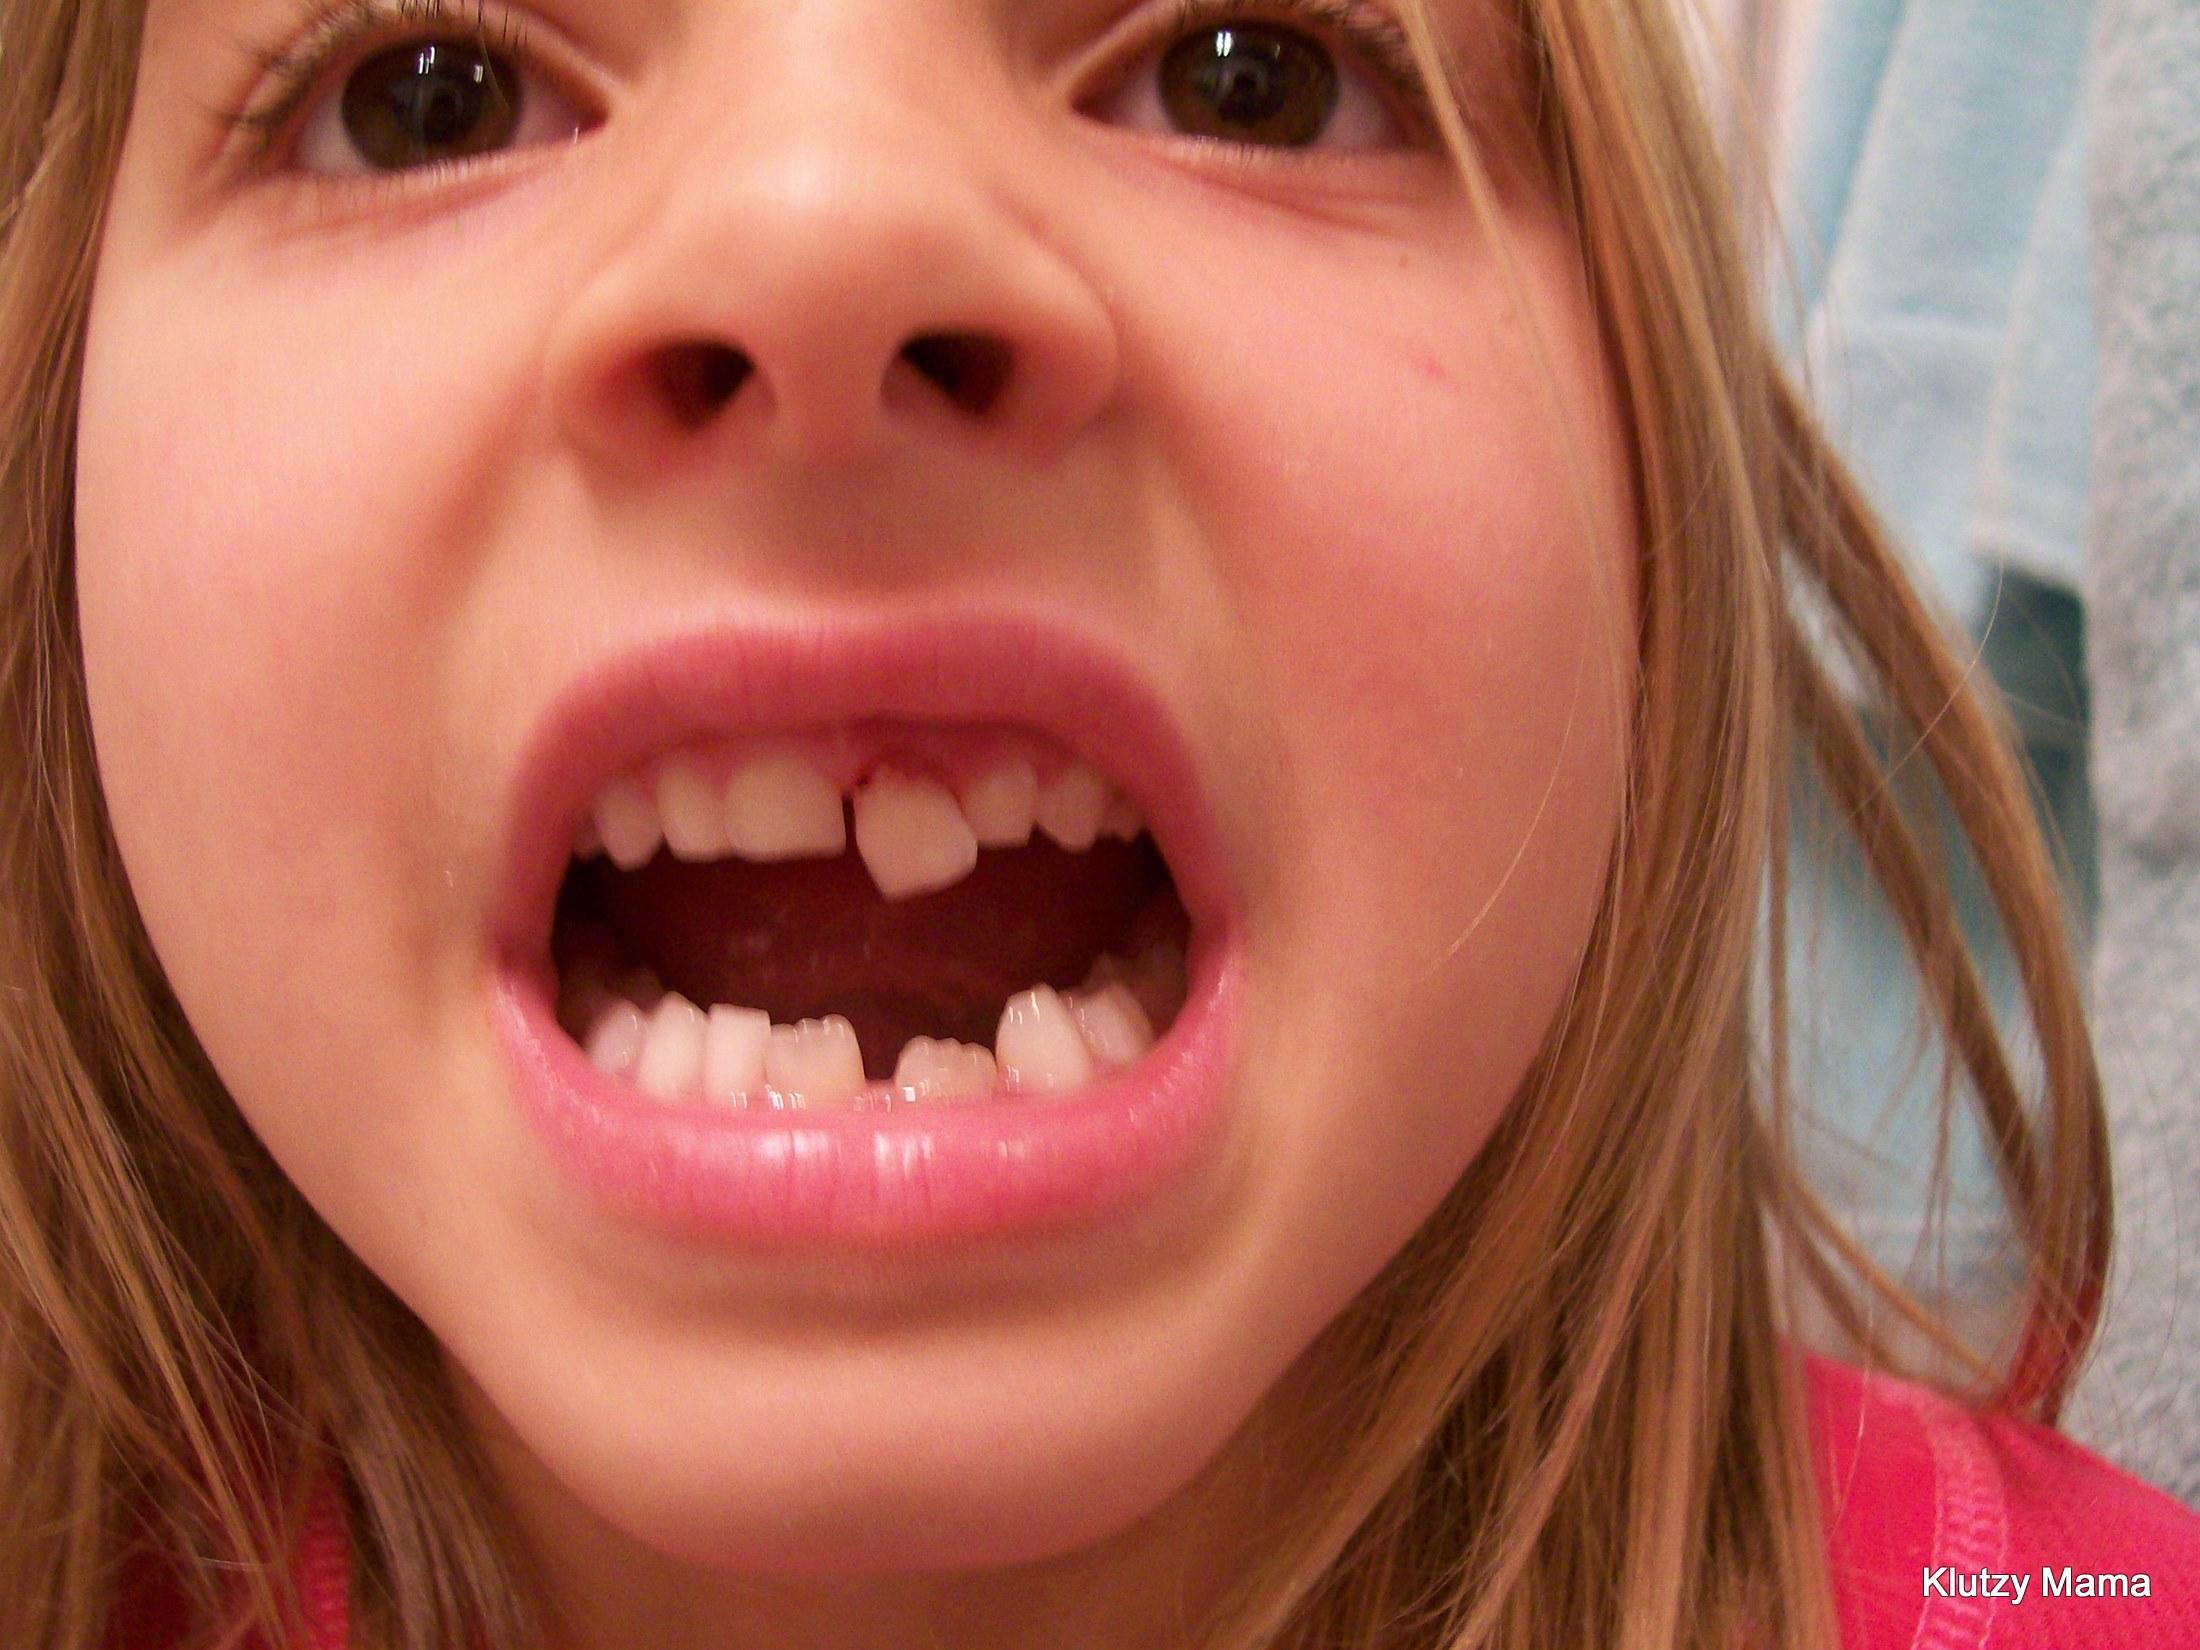 Как вырвать зуб без боли в домашних условиях у детей